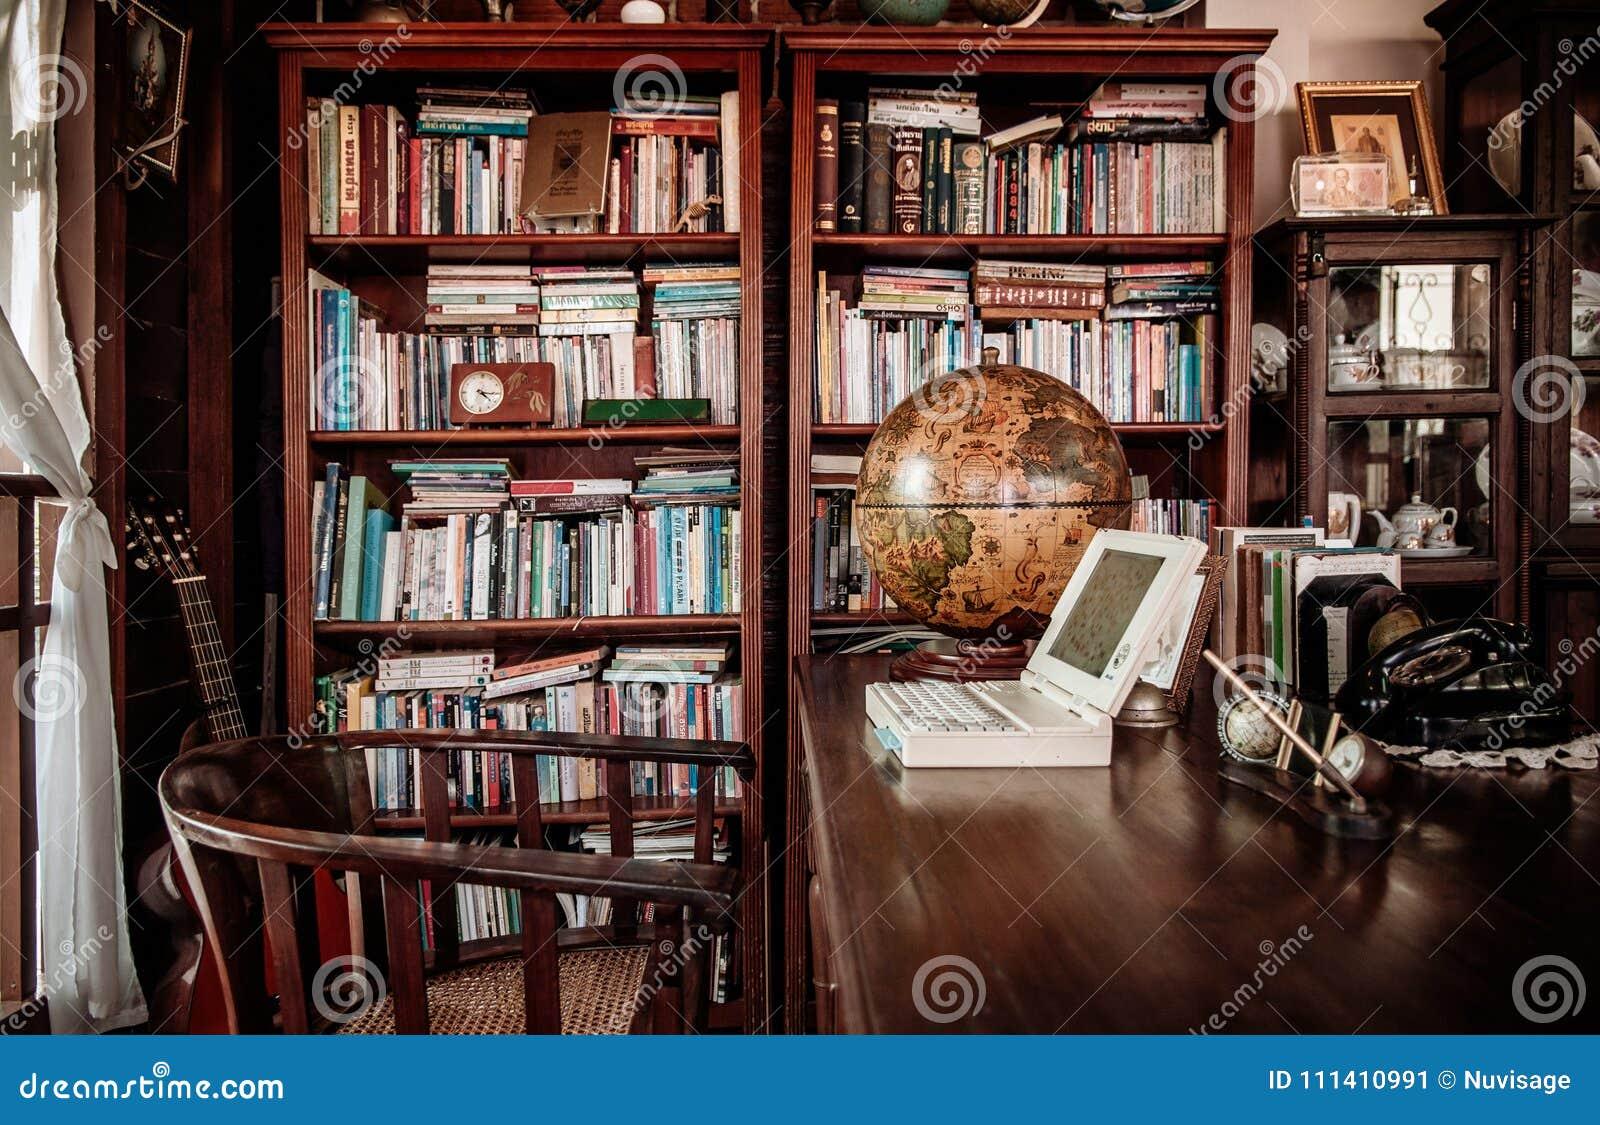 Conce de madera r stico retro de la decoraci n interior de for Muebles encantadores del pais elegante